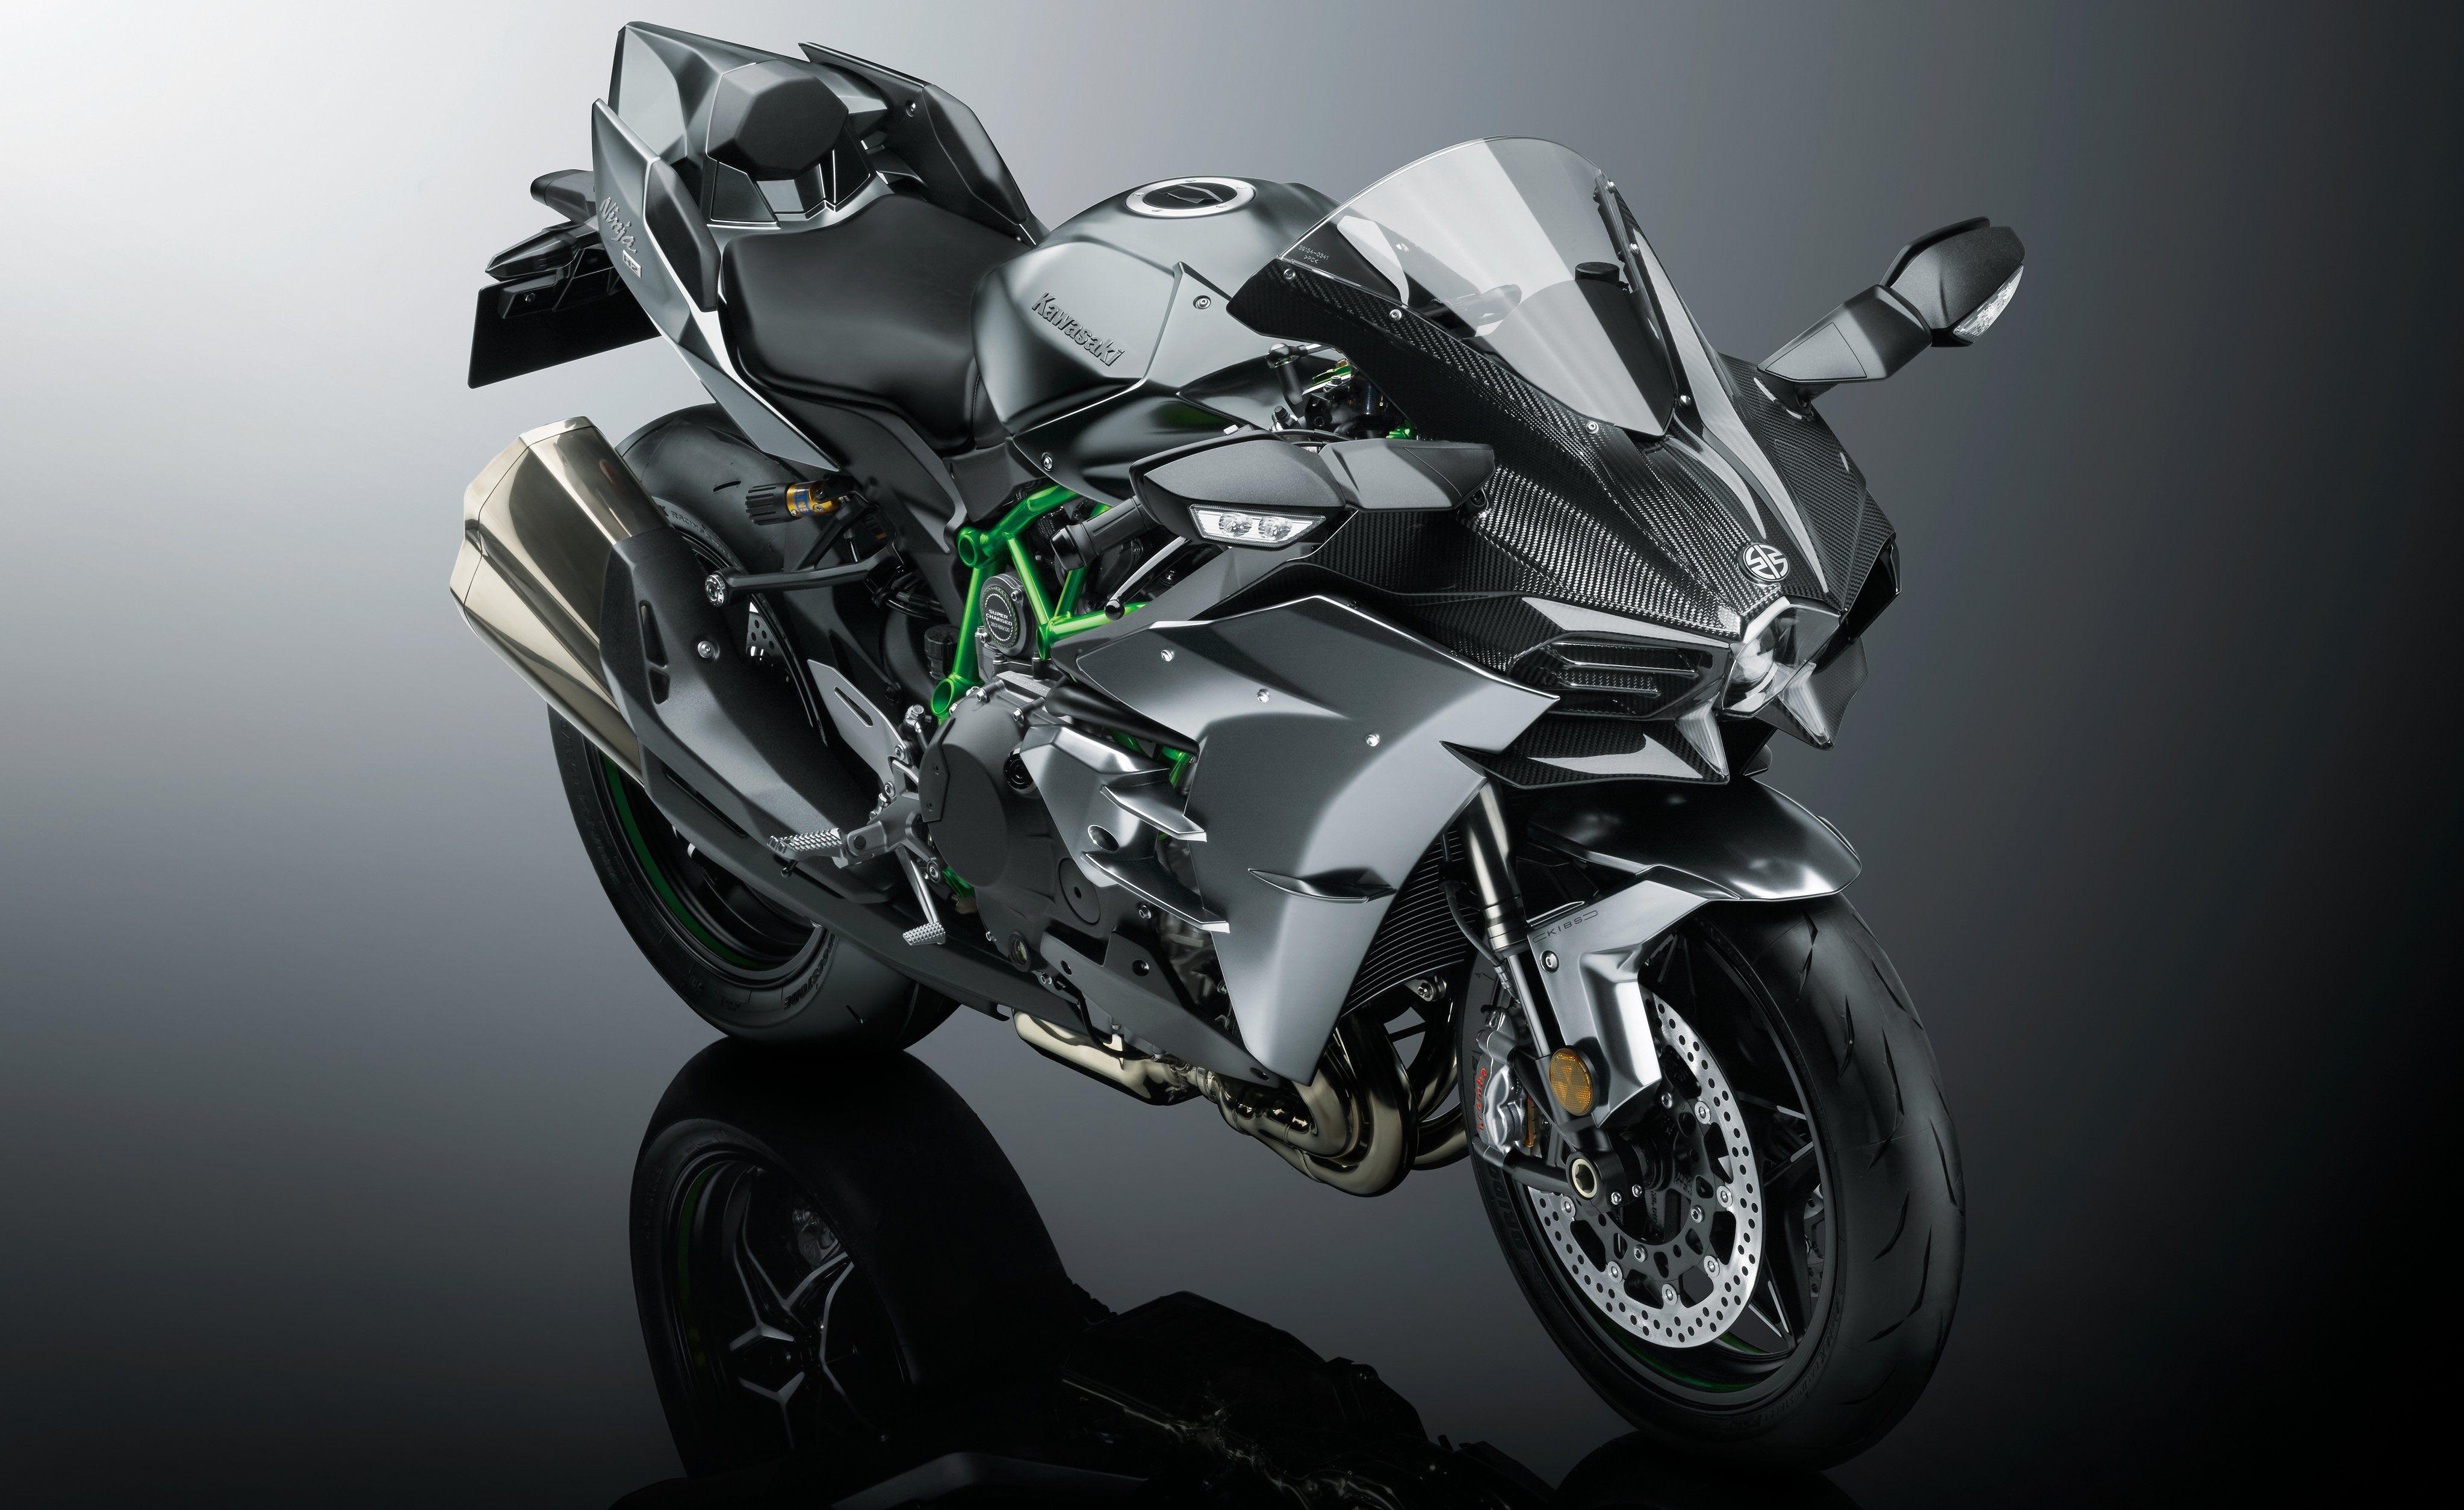 Download 96 Gambar Motor Kawasaki Ninja H2r Terbaik Dan Terupdate